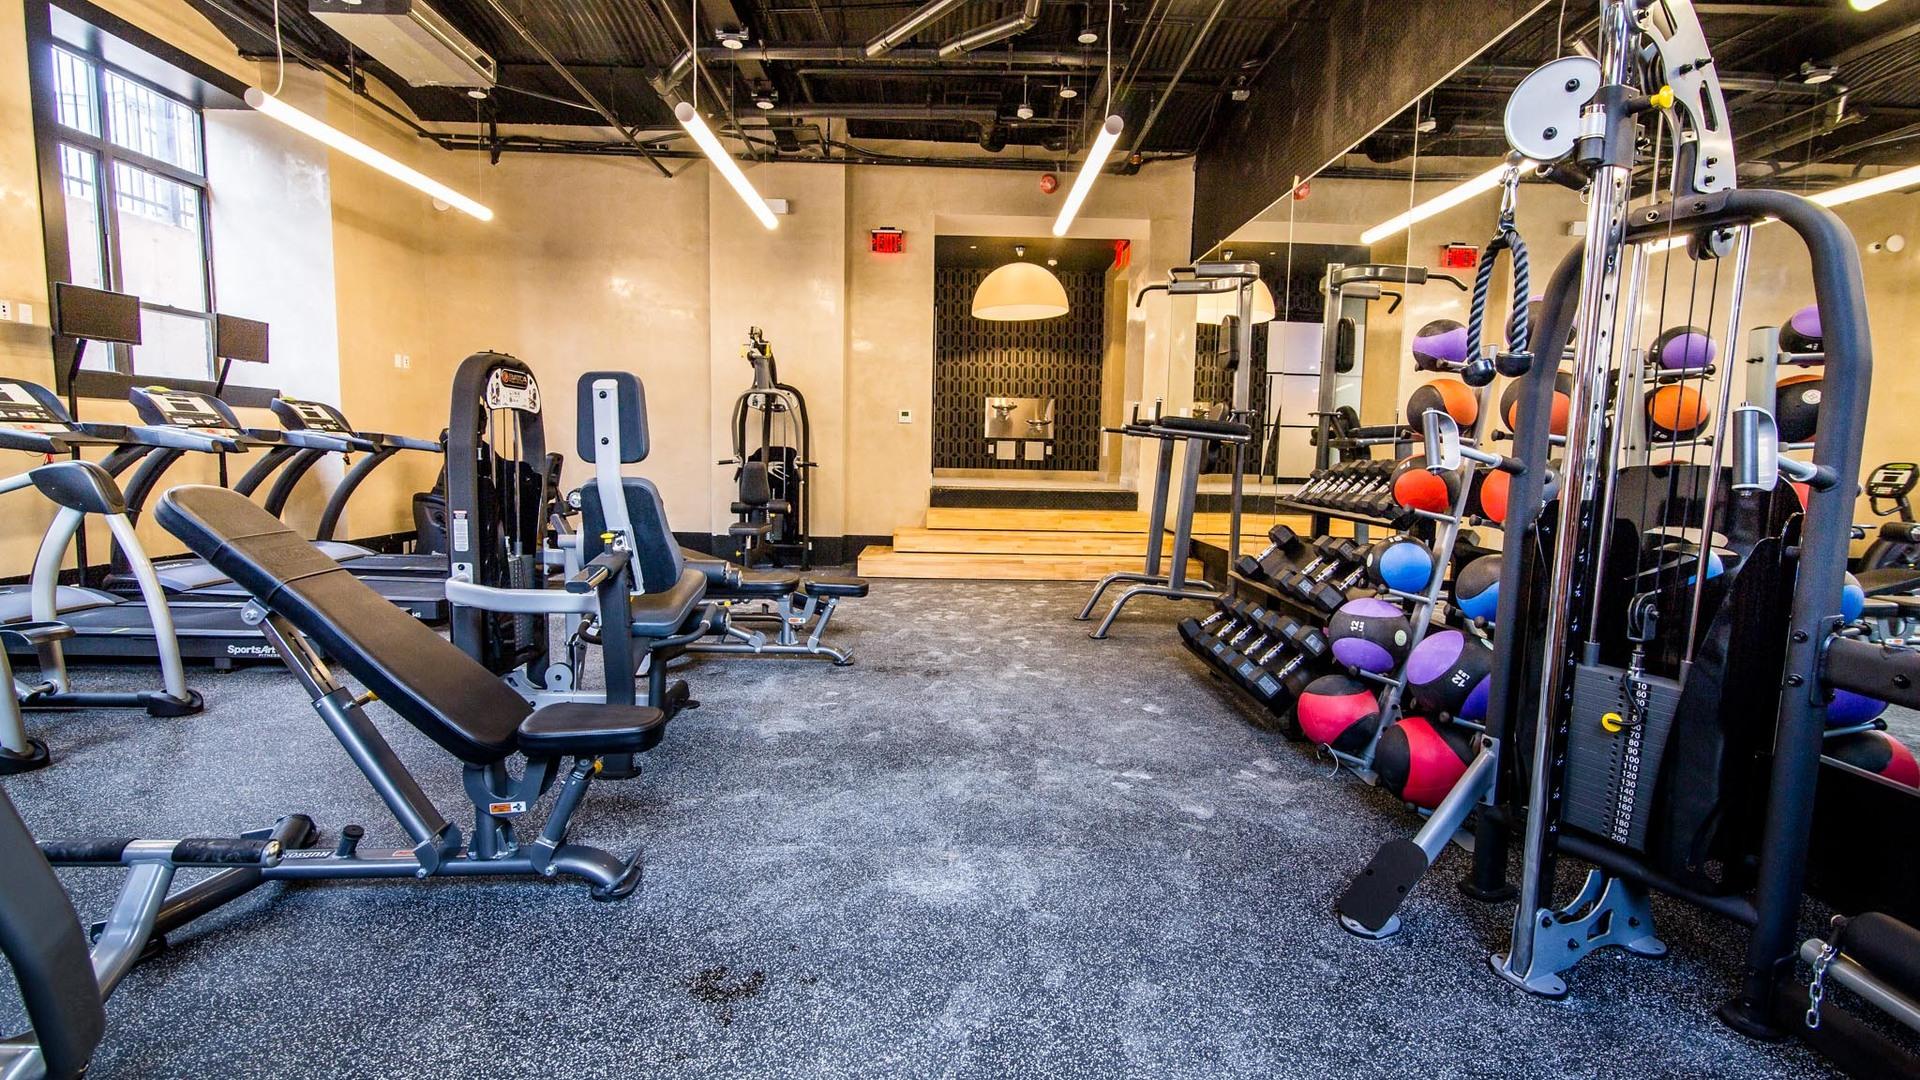 042 17 monitor gym 3